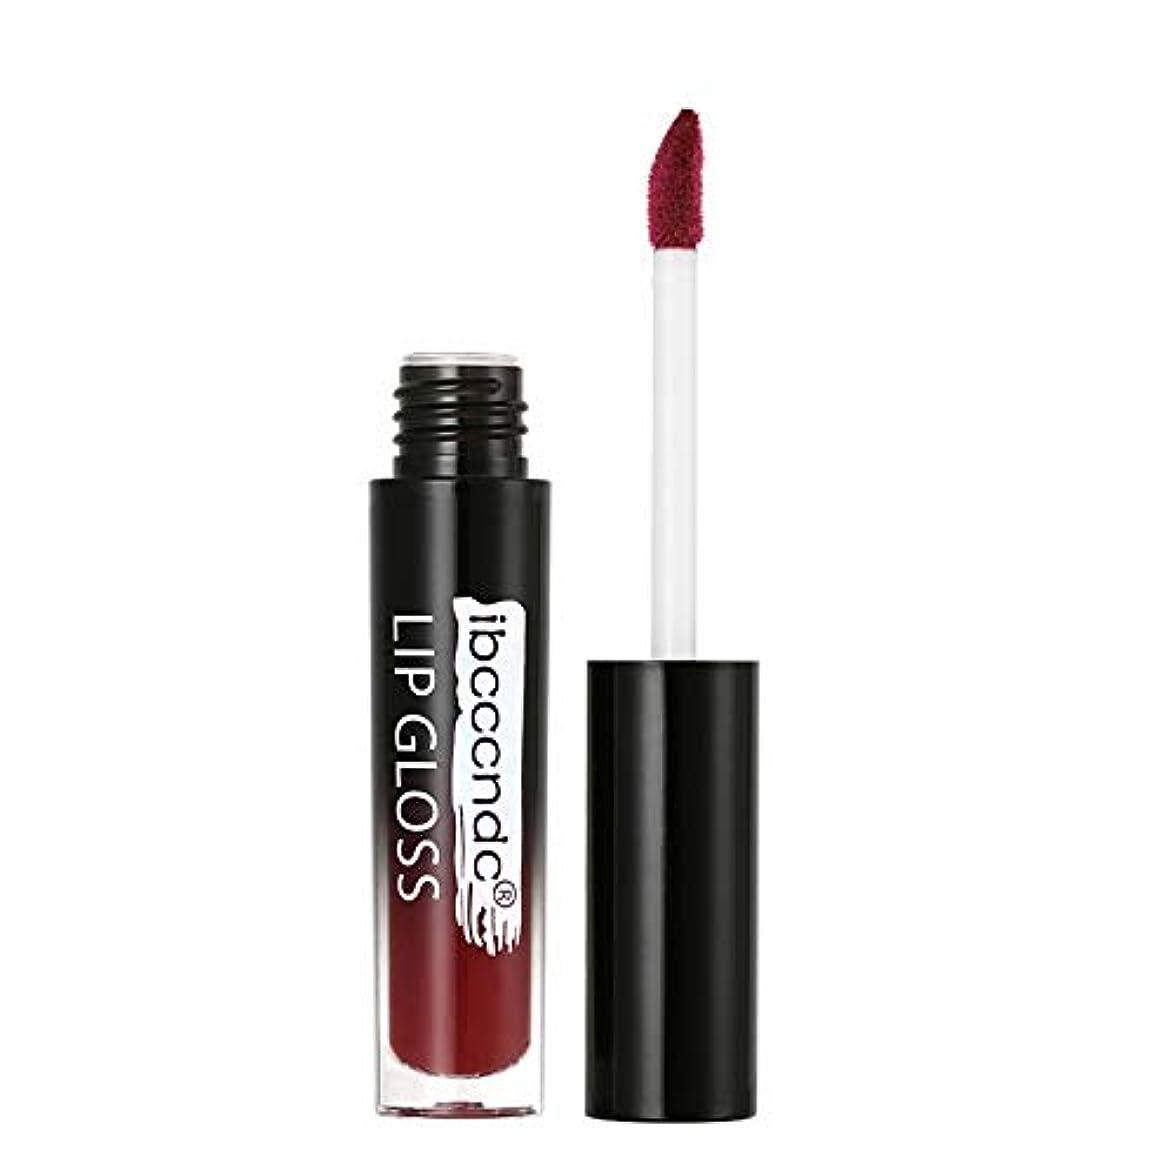 縁石輝度仕立て屋口紅 液体 モイスチャライザー リップスティック リキッド 防水 リップバーム 化粧品 美容 リップクリーム メイク 唇に塗っっていつもよりセクシー魅力を与えるルージュhuajuan